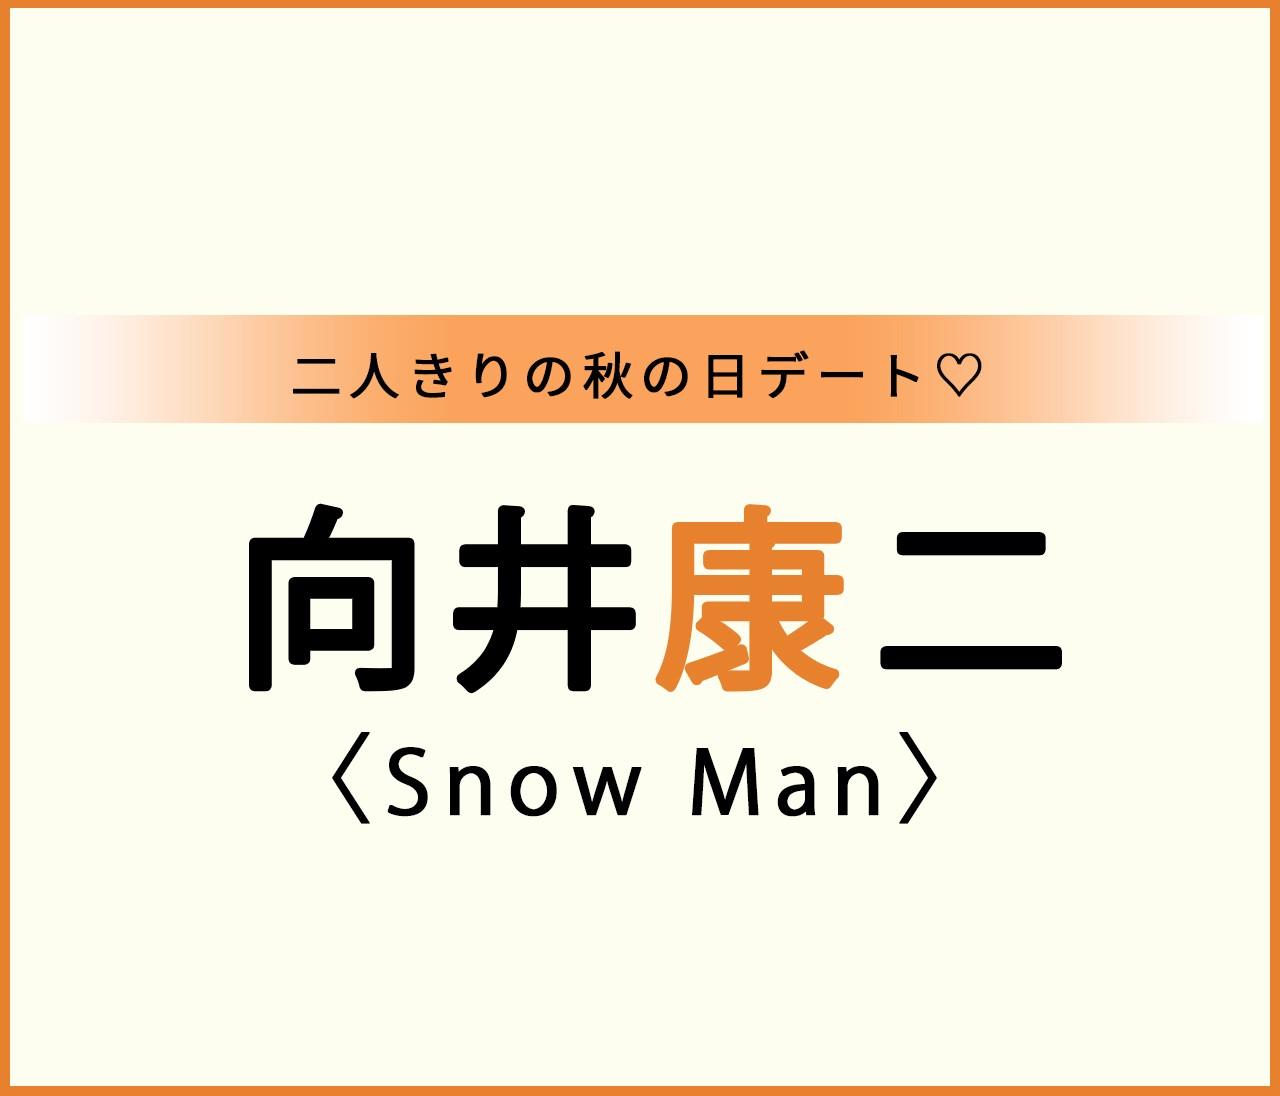 【Snow Man 向井康二くん】二人きりの秋デートまとめ♡